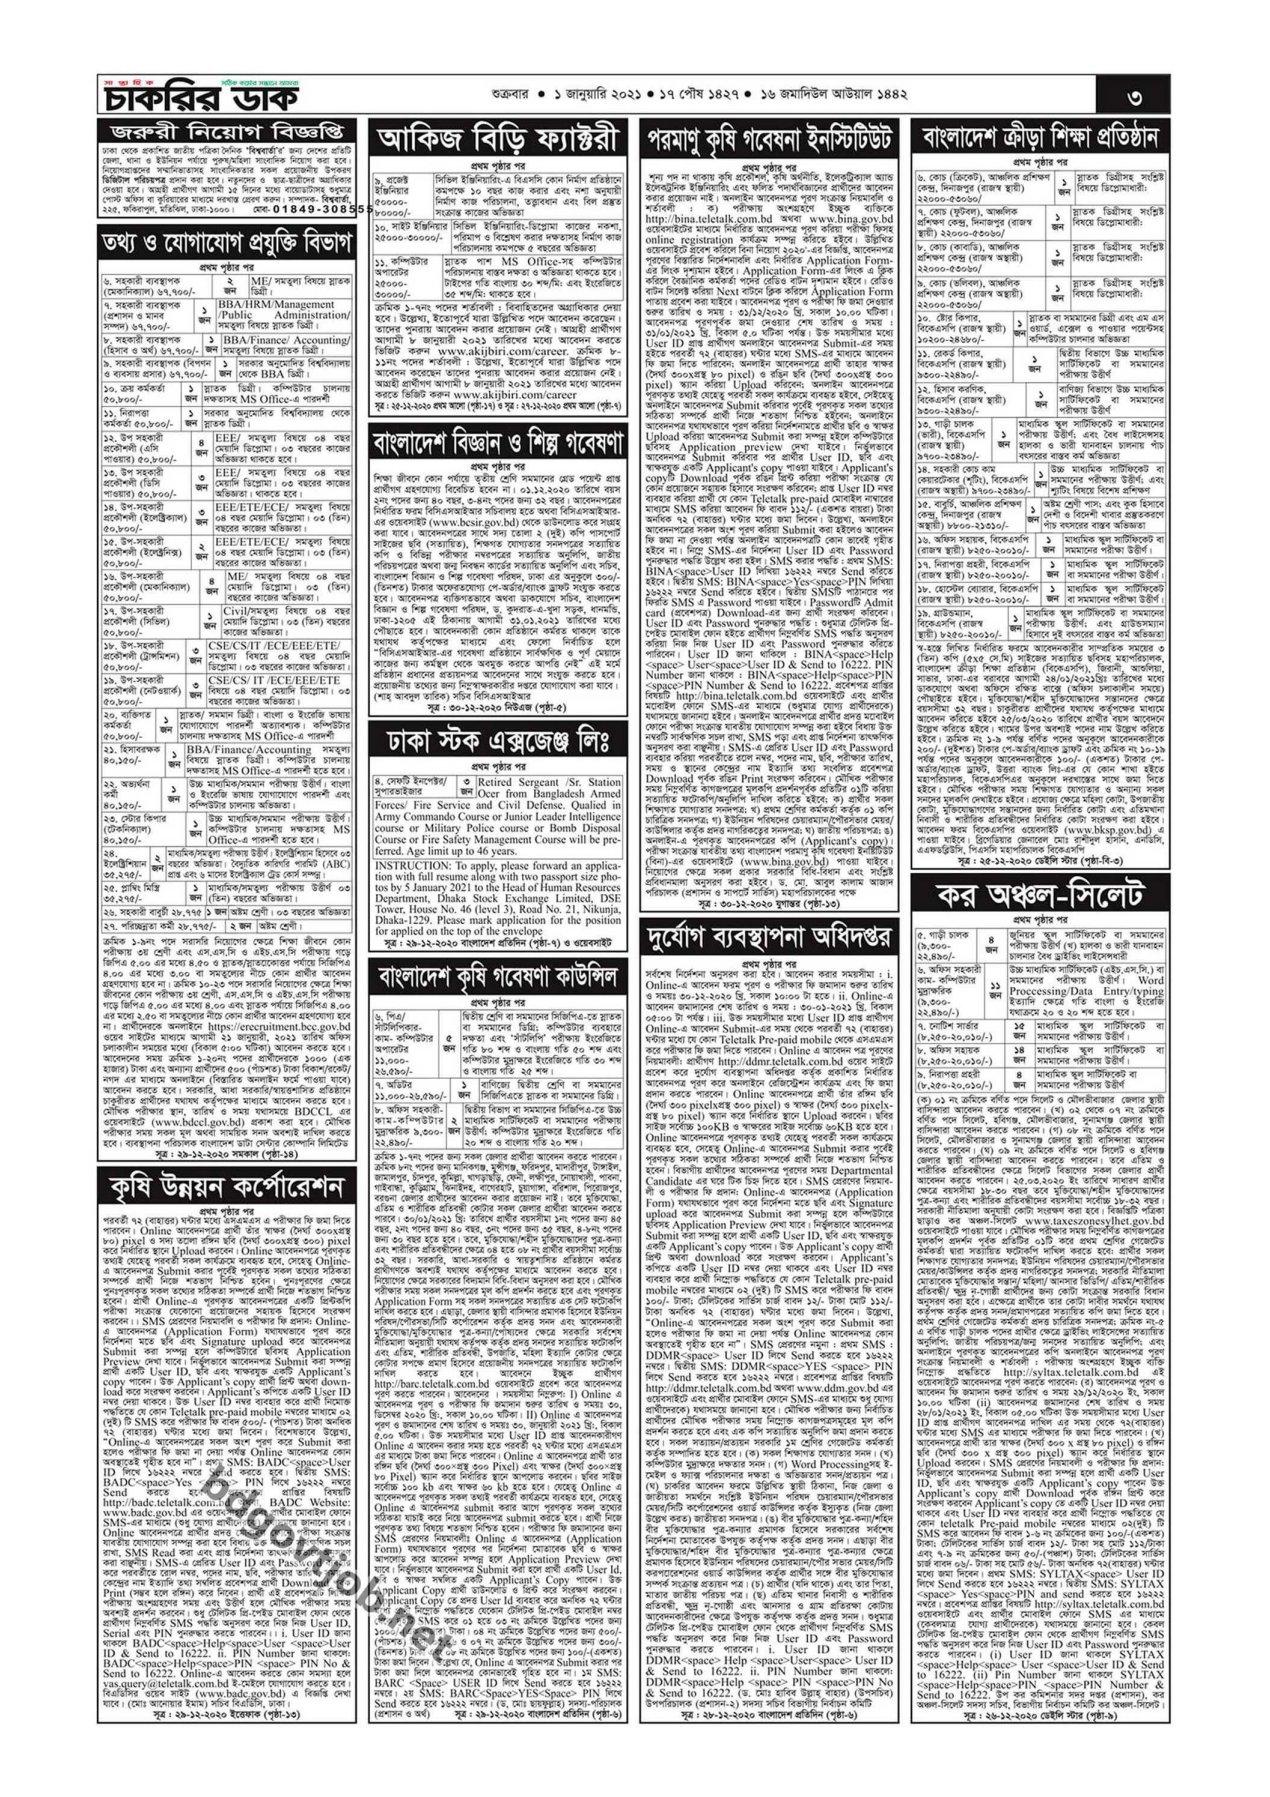 সাপ্তাহিক চাকরি ডাক ১ জানুয়ারি ২০২১- চাকরির ডাক ১/১/২০২১ | Chakrir Dak potrika 1 January 2021 Pdf Download